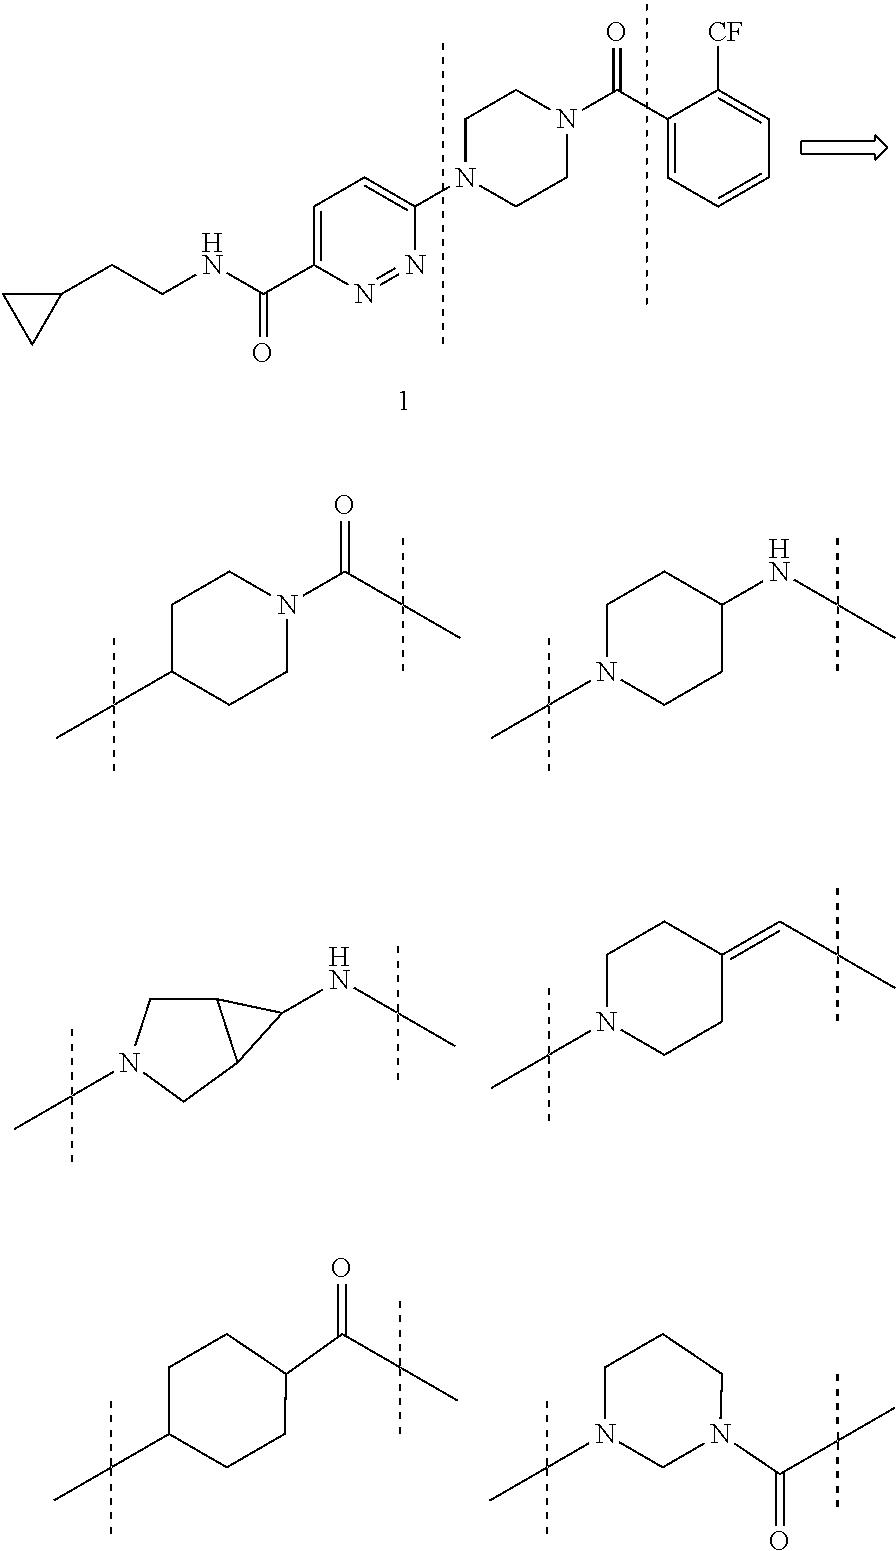 Figure US09358250-20160607-C00011